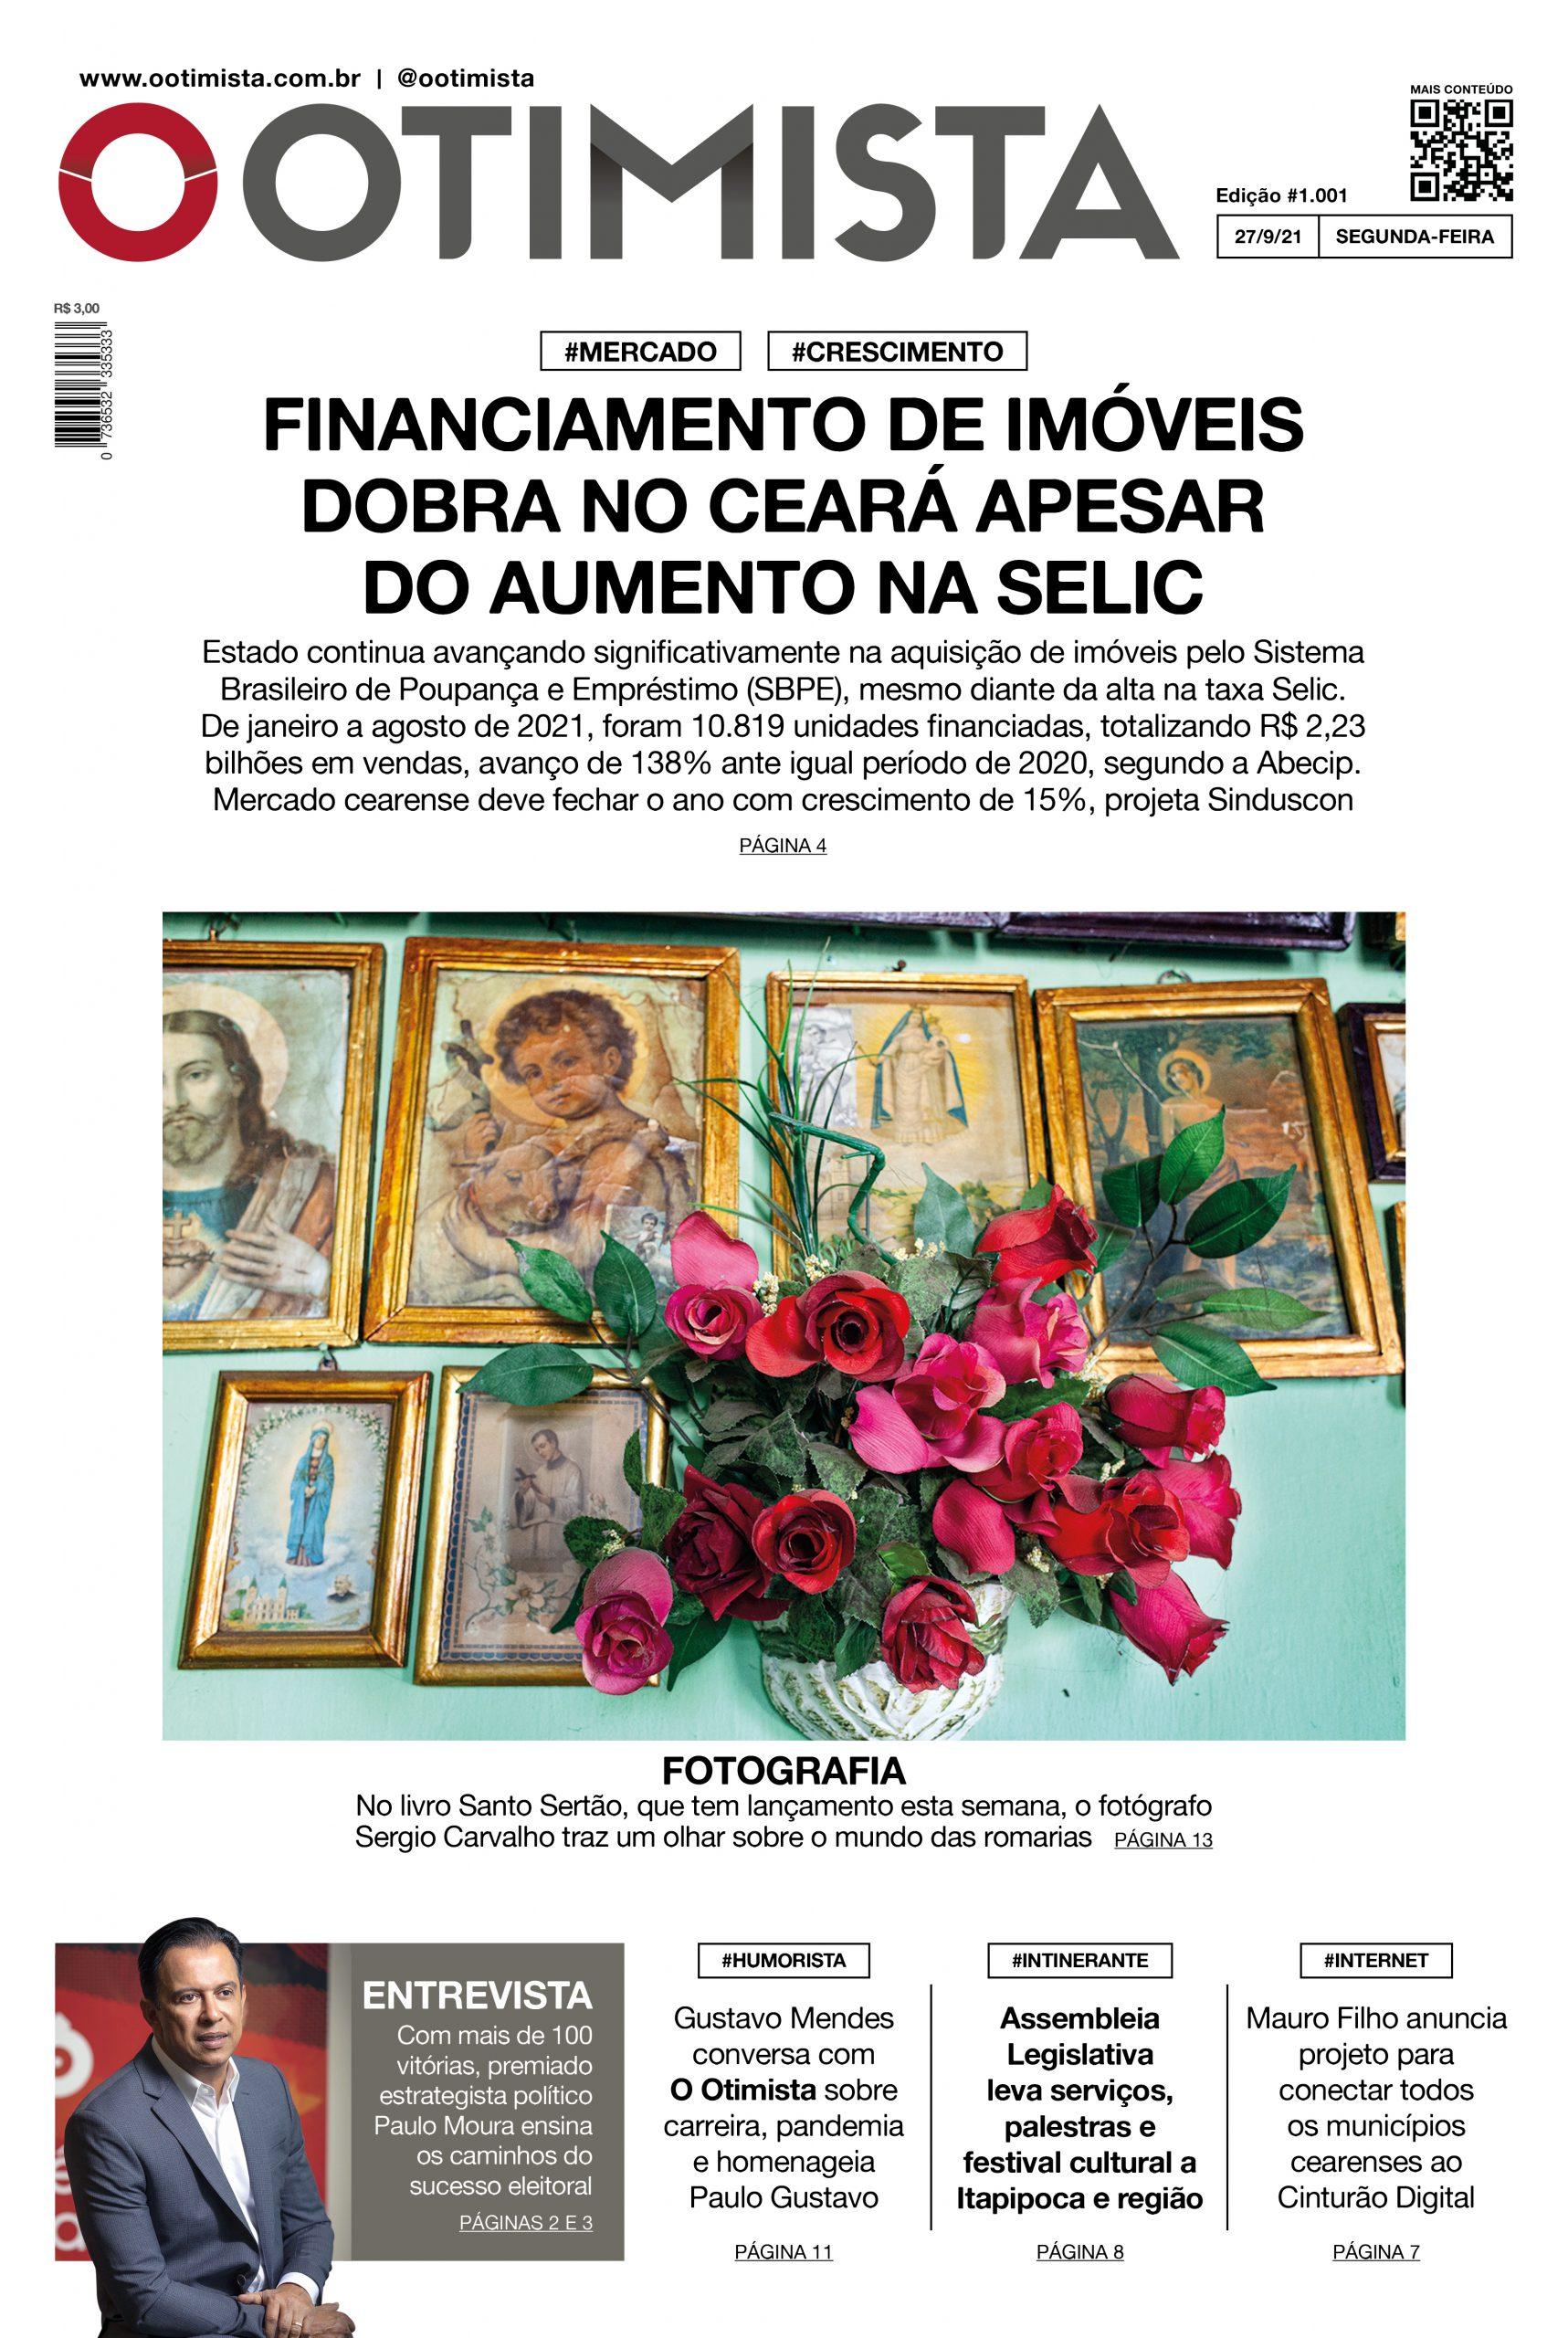 O Otimista - edição impressa de 27/9/2021